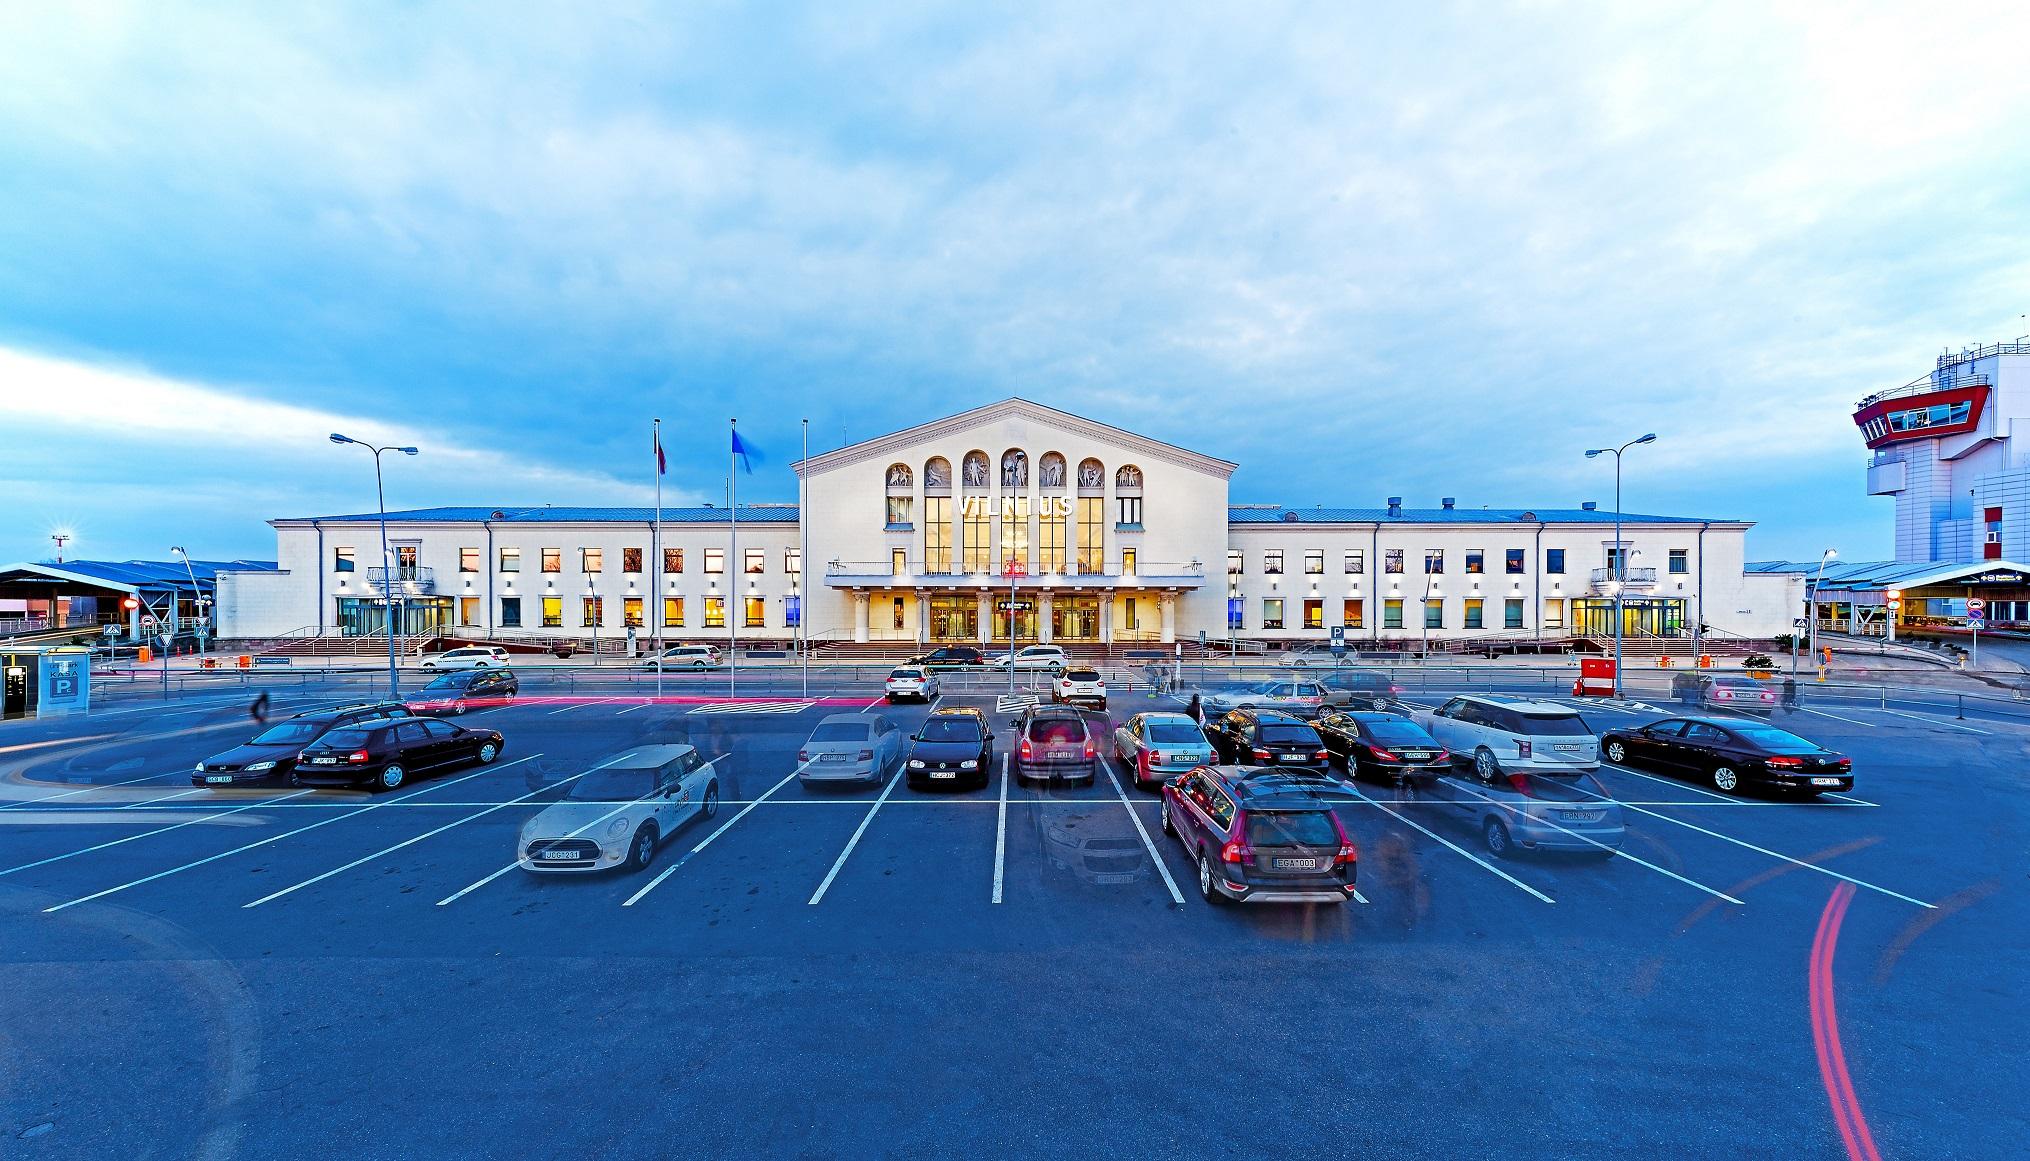 """Vilniaus oro uostas didina saugumą – samdo """"Ekskomisarų biuro"""" darbuotojus"""